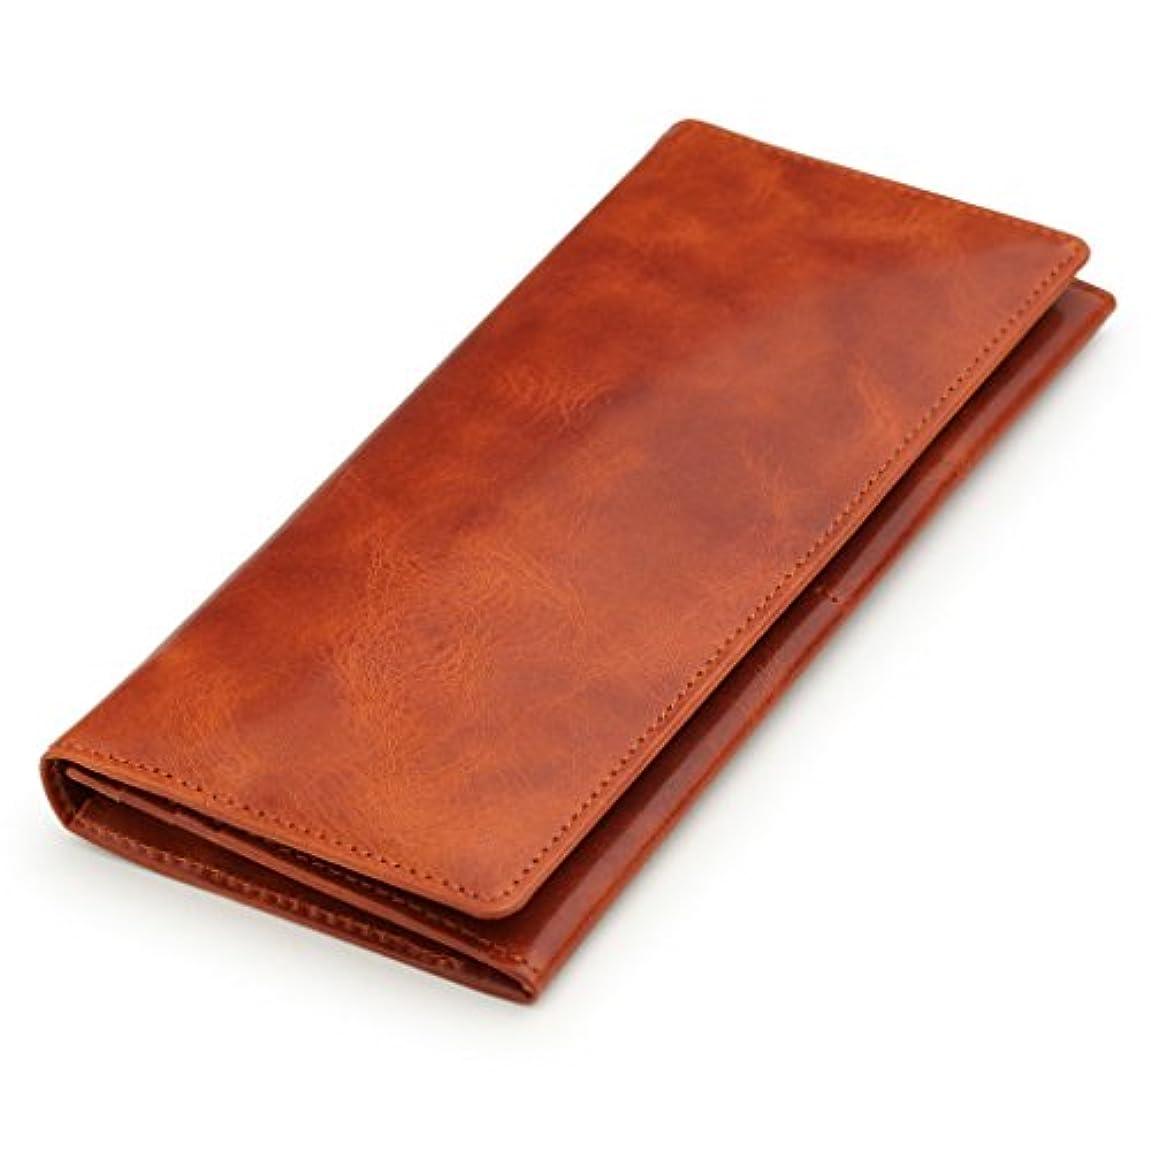 拒否アッパートレイル[アビエス] ABIES L.P. 日本製 ヴィンテージワックスレザー 本革 長財布